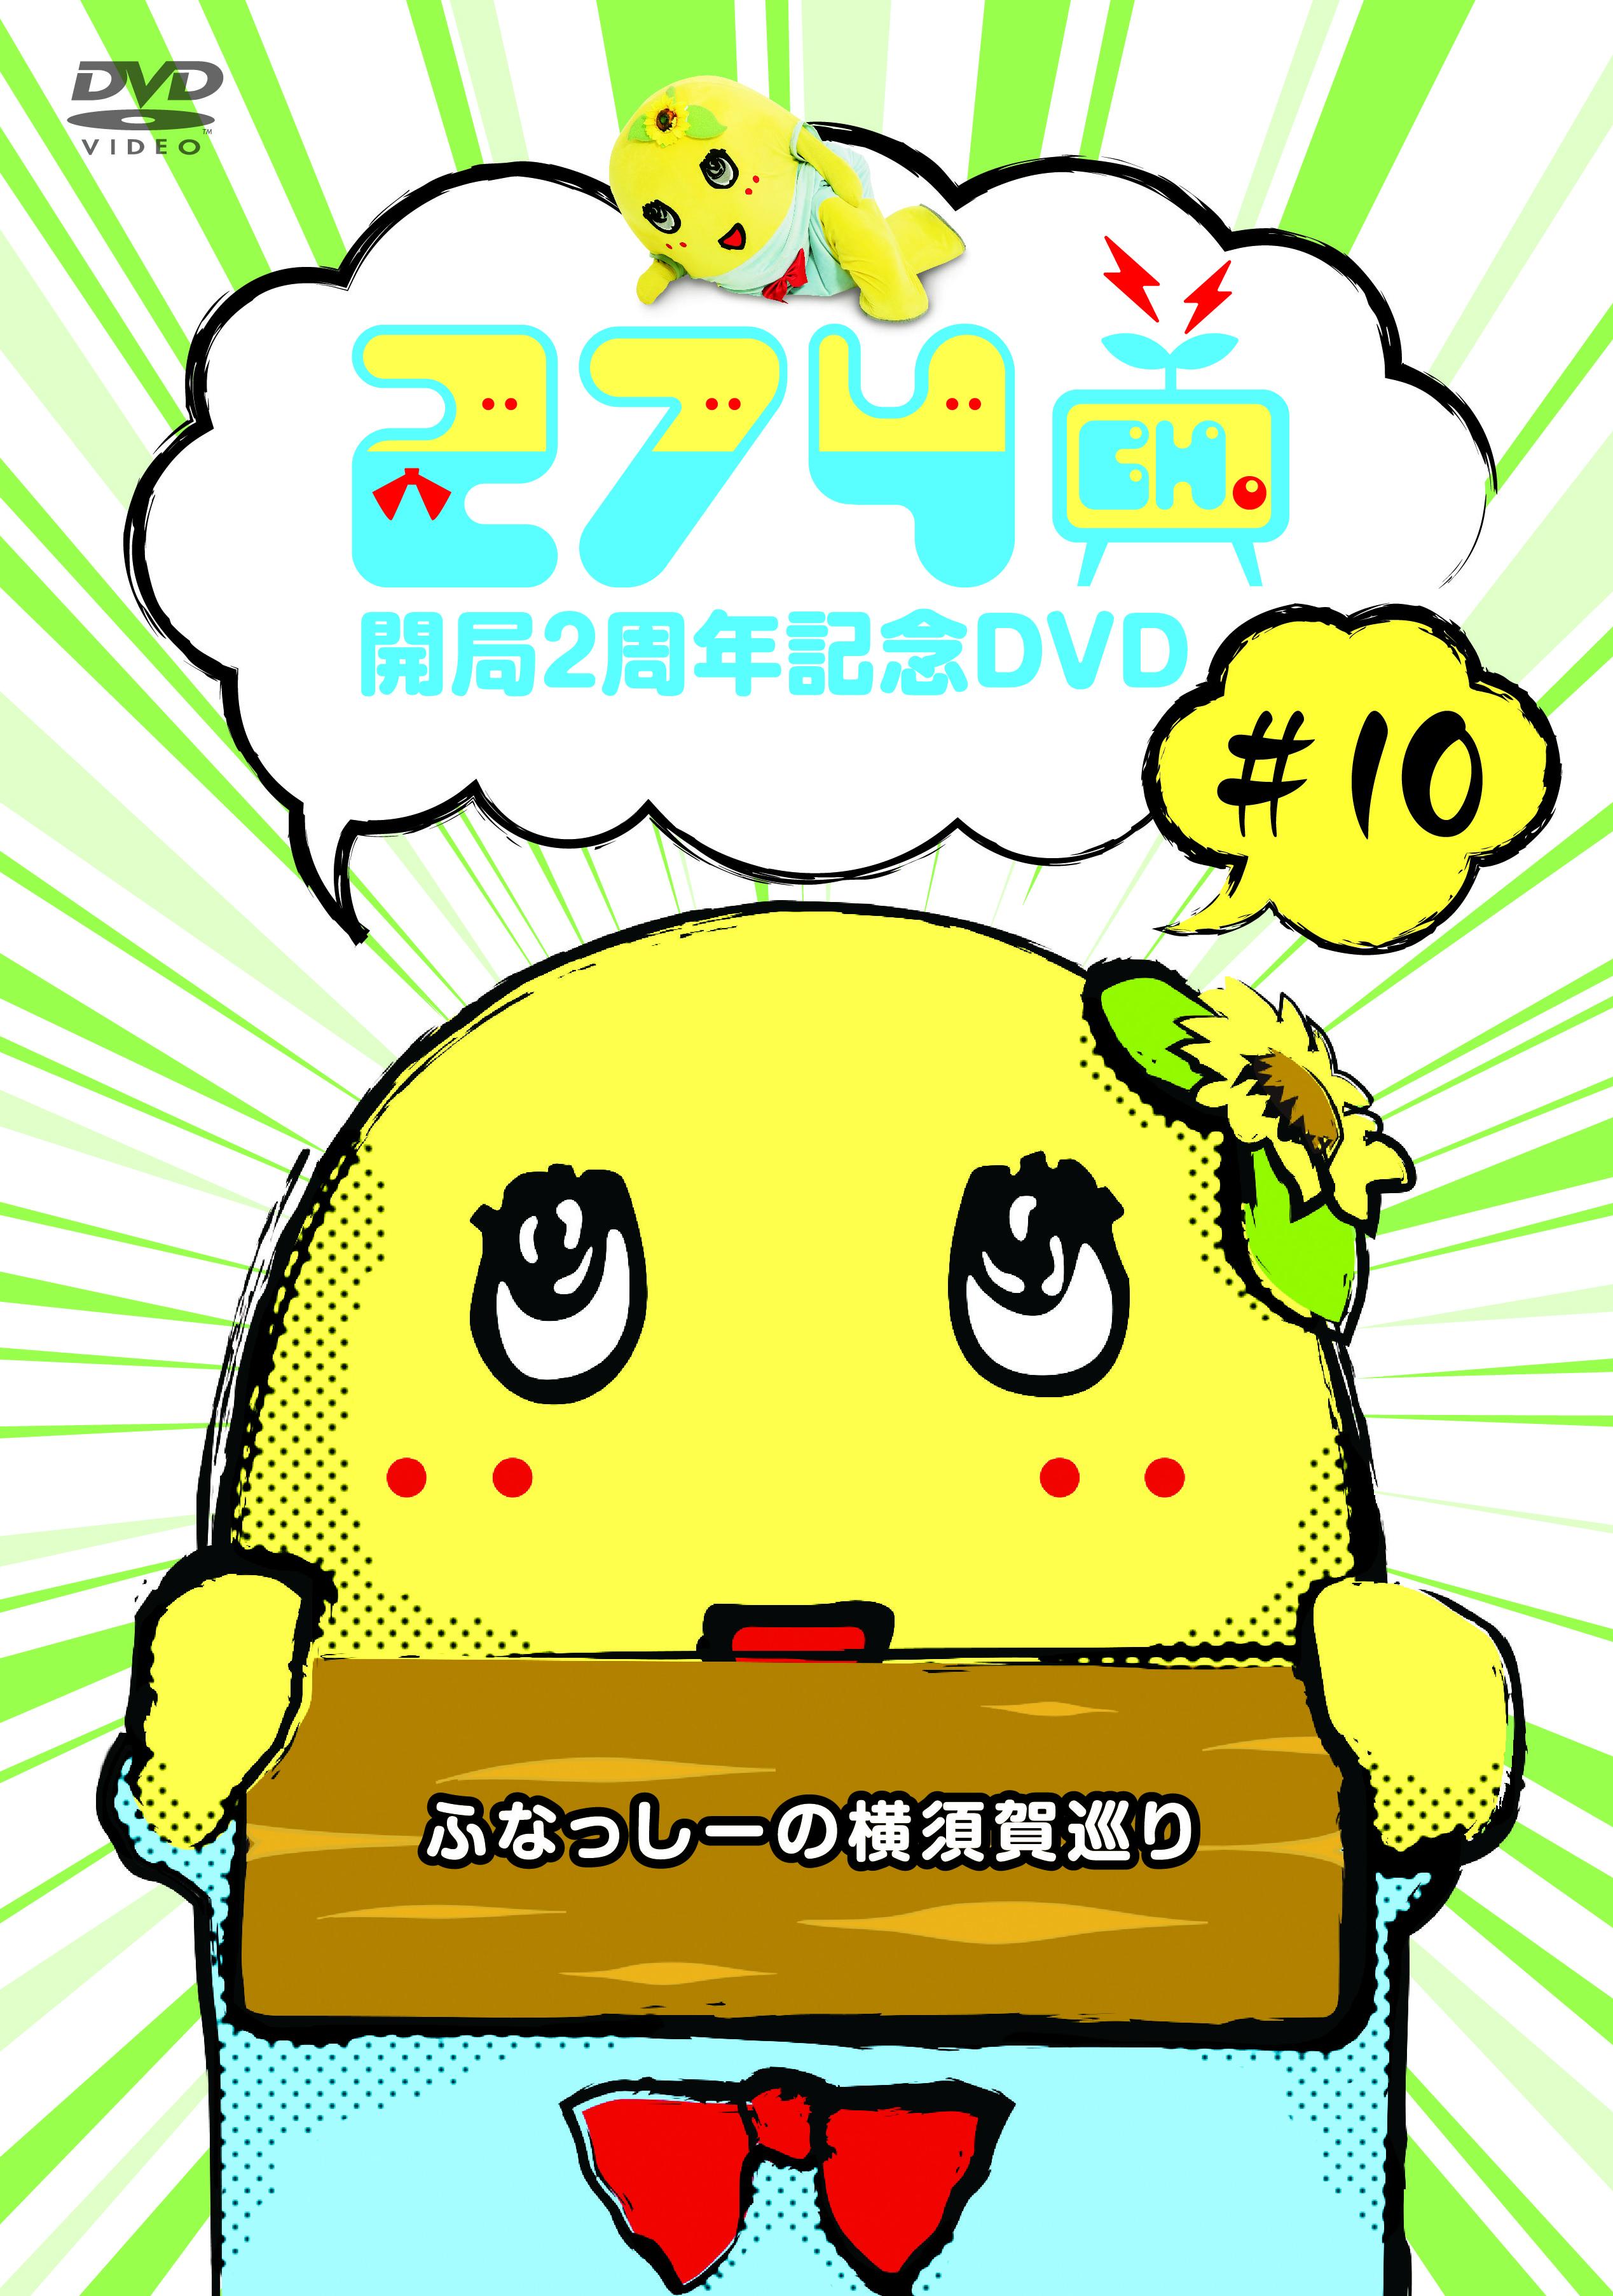 274ch. 開局2周年記念DVD#10「ふなっしーの横須賀巡り」